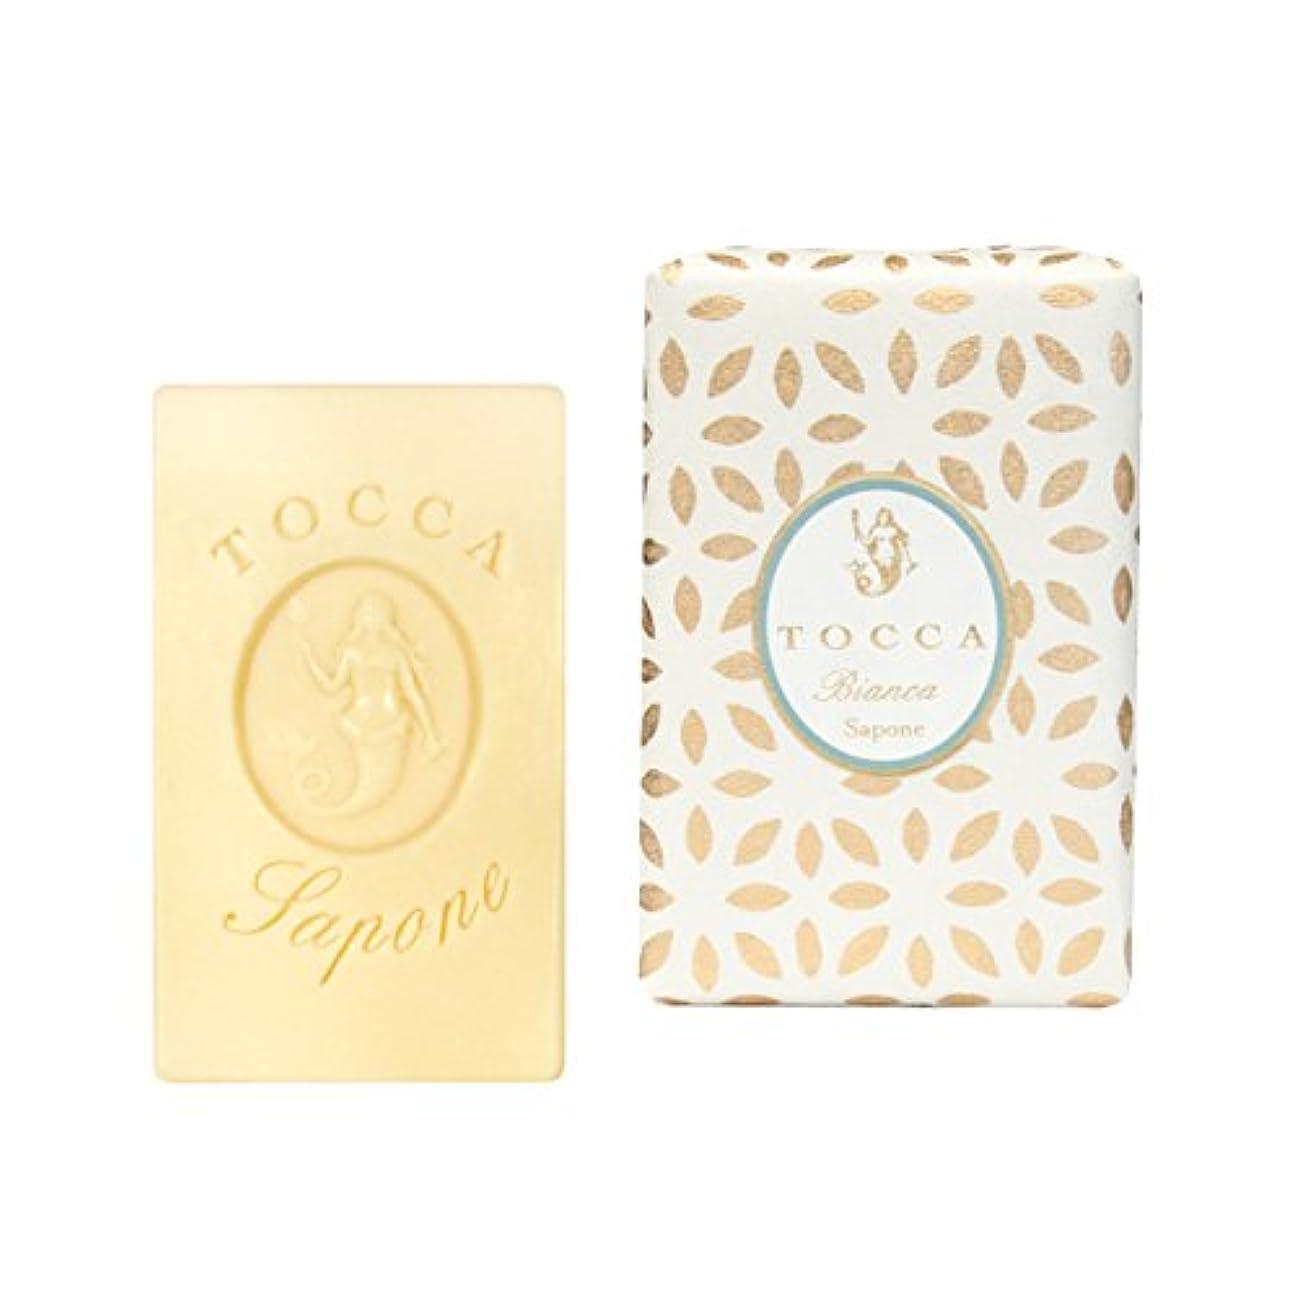 感謝パース謙虚トッカ(TOCCA) ソープバー ビアンカの香り 113g(化粧石けん シトラスとグリーンティー、ローズが絶妙に溶け合ったほのかに甘さ漂うフレッシュな香り)